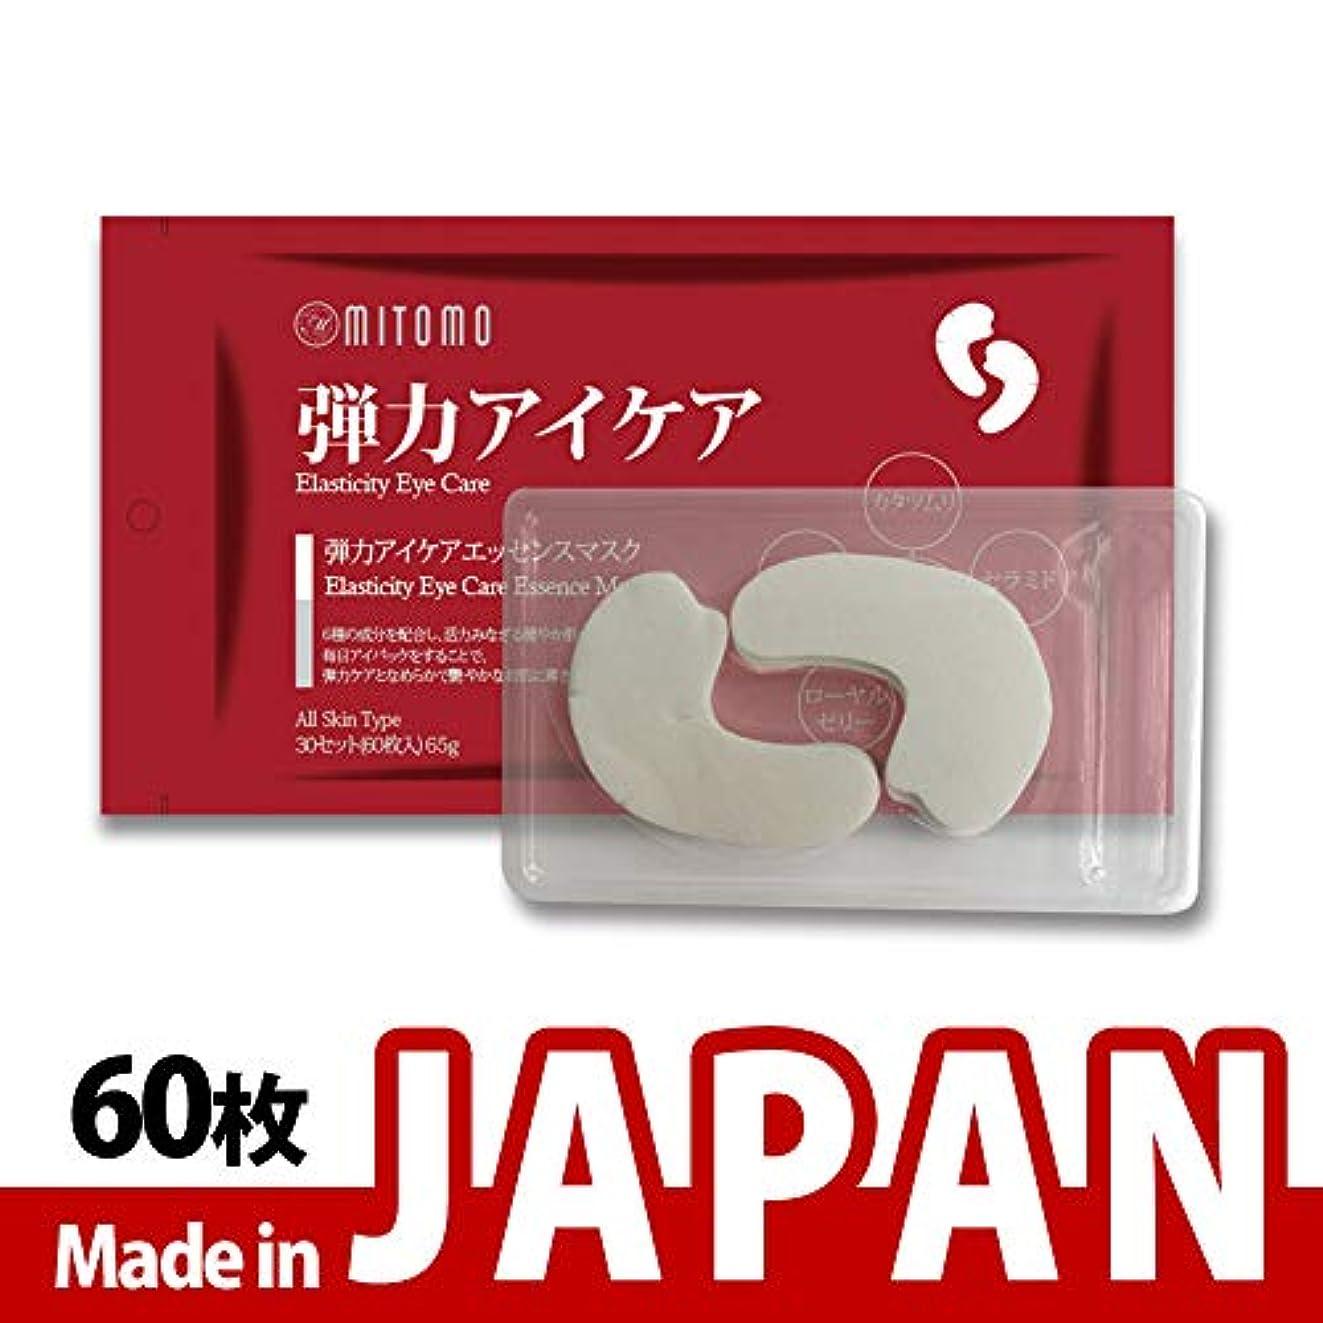 パットコンサート部族MITOMO【MC005-B-0】日本製シートマスク/60枚入り/60枚/美容液/マスクパック/送料無料